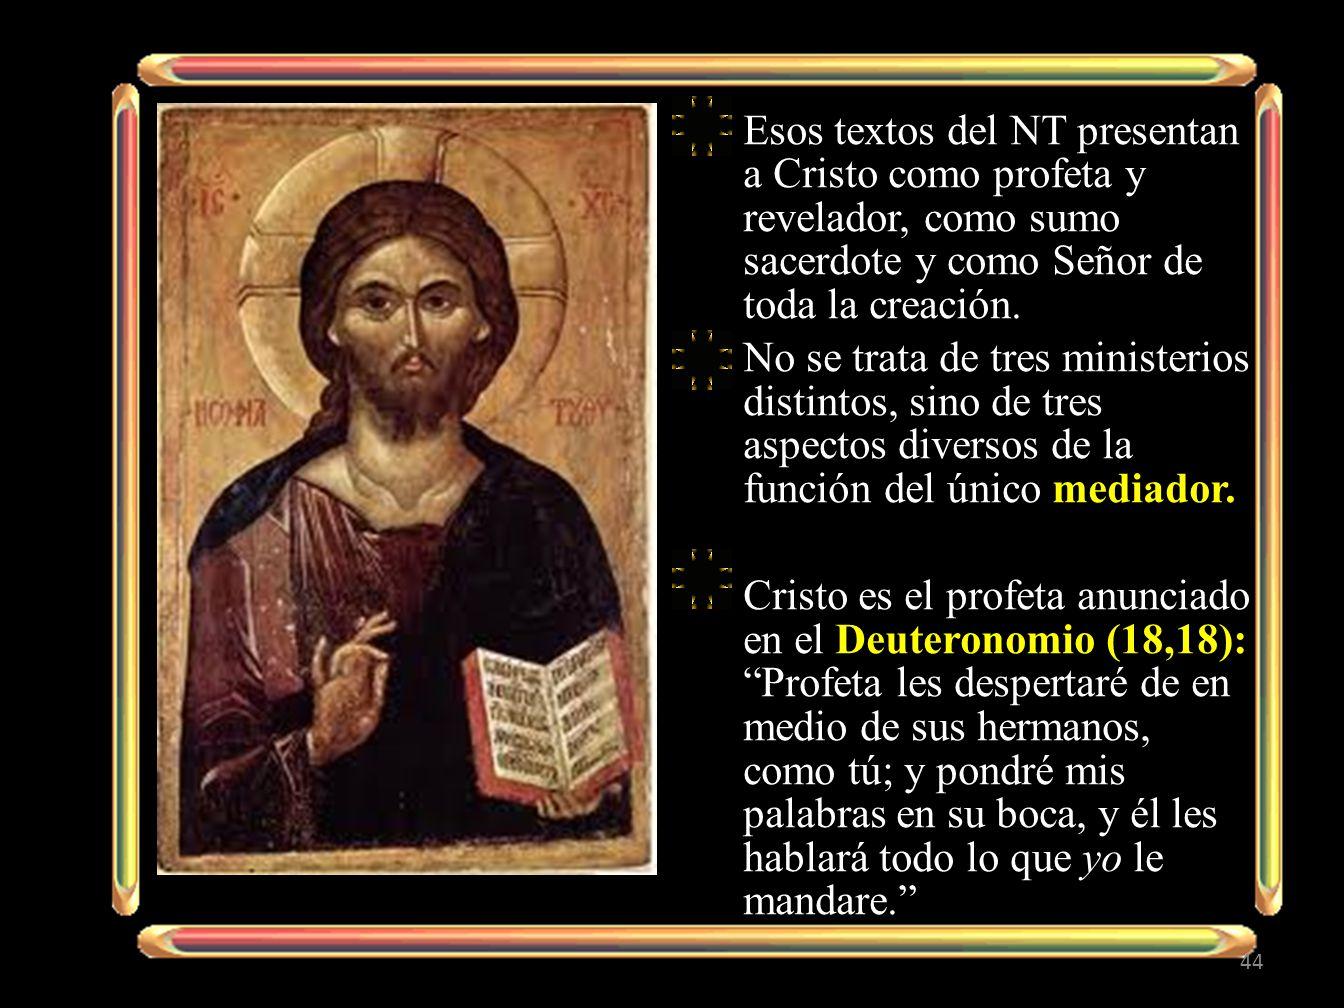 Esos textos del NT presentan a Cristo como profeta y revelador, como sumo sacerdote y como Señor de toda la creación.